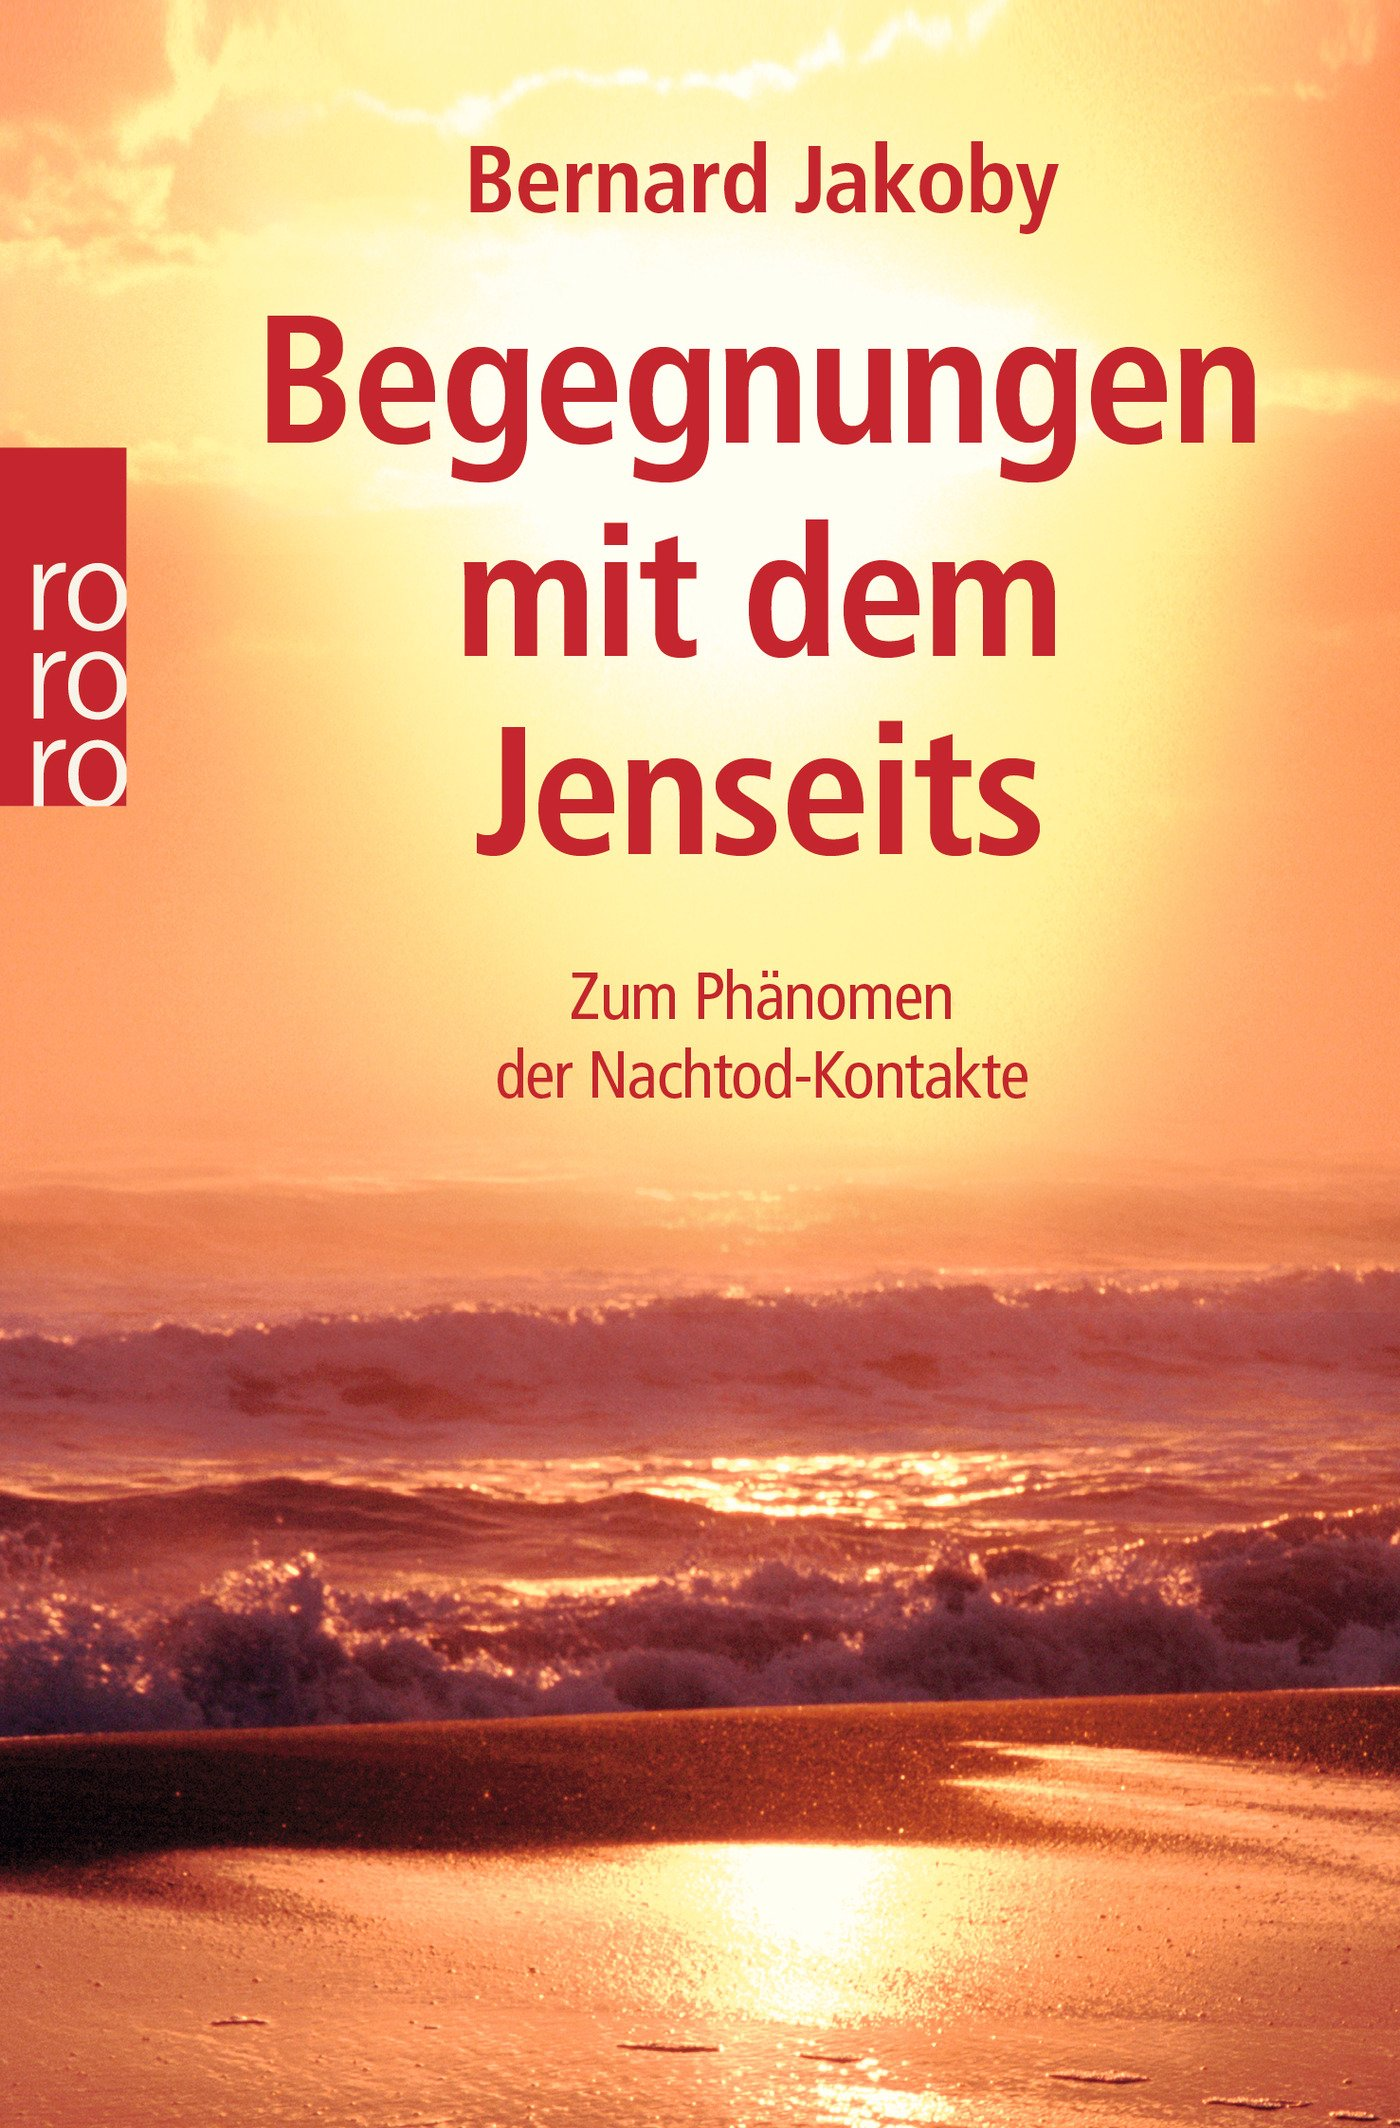 Begegnungen mit dem Jenseits: Zum Phänomen der Nachtod-Kontakte Taschenbuch – 1. März 2006 Bernard Jakoby Rowohlt Taschenbuch 3499620634 Grenzwissenschaften